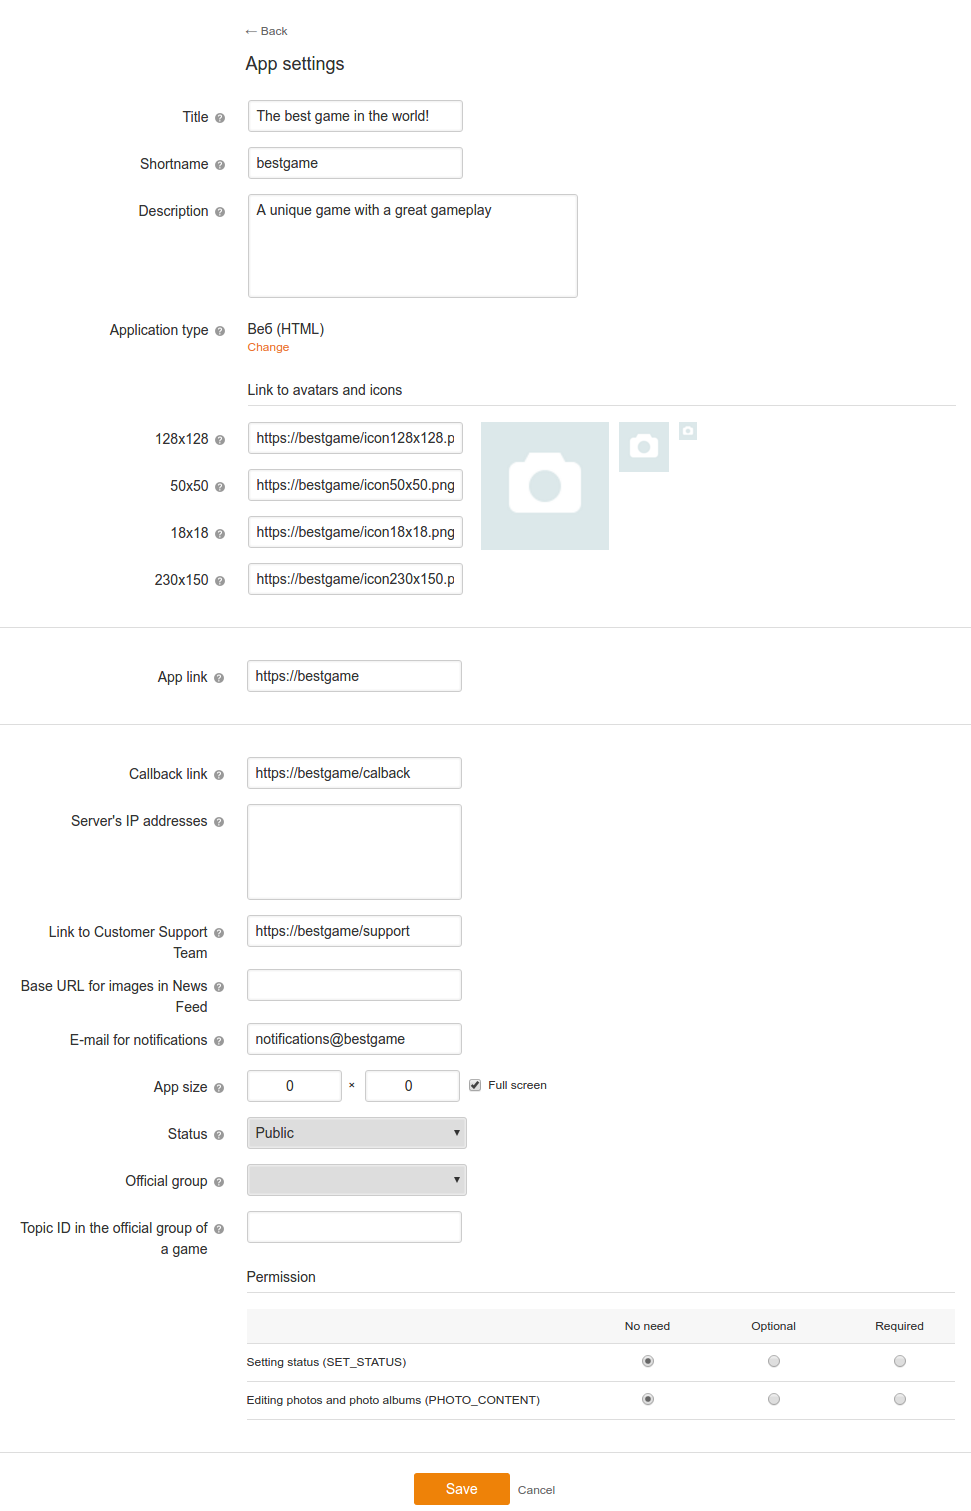 How to add a link to Odnoklassniki 90